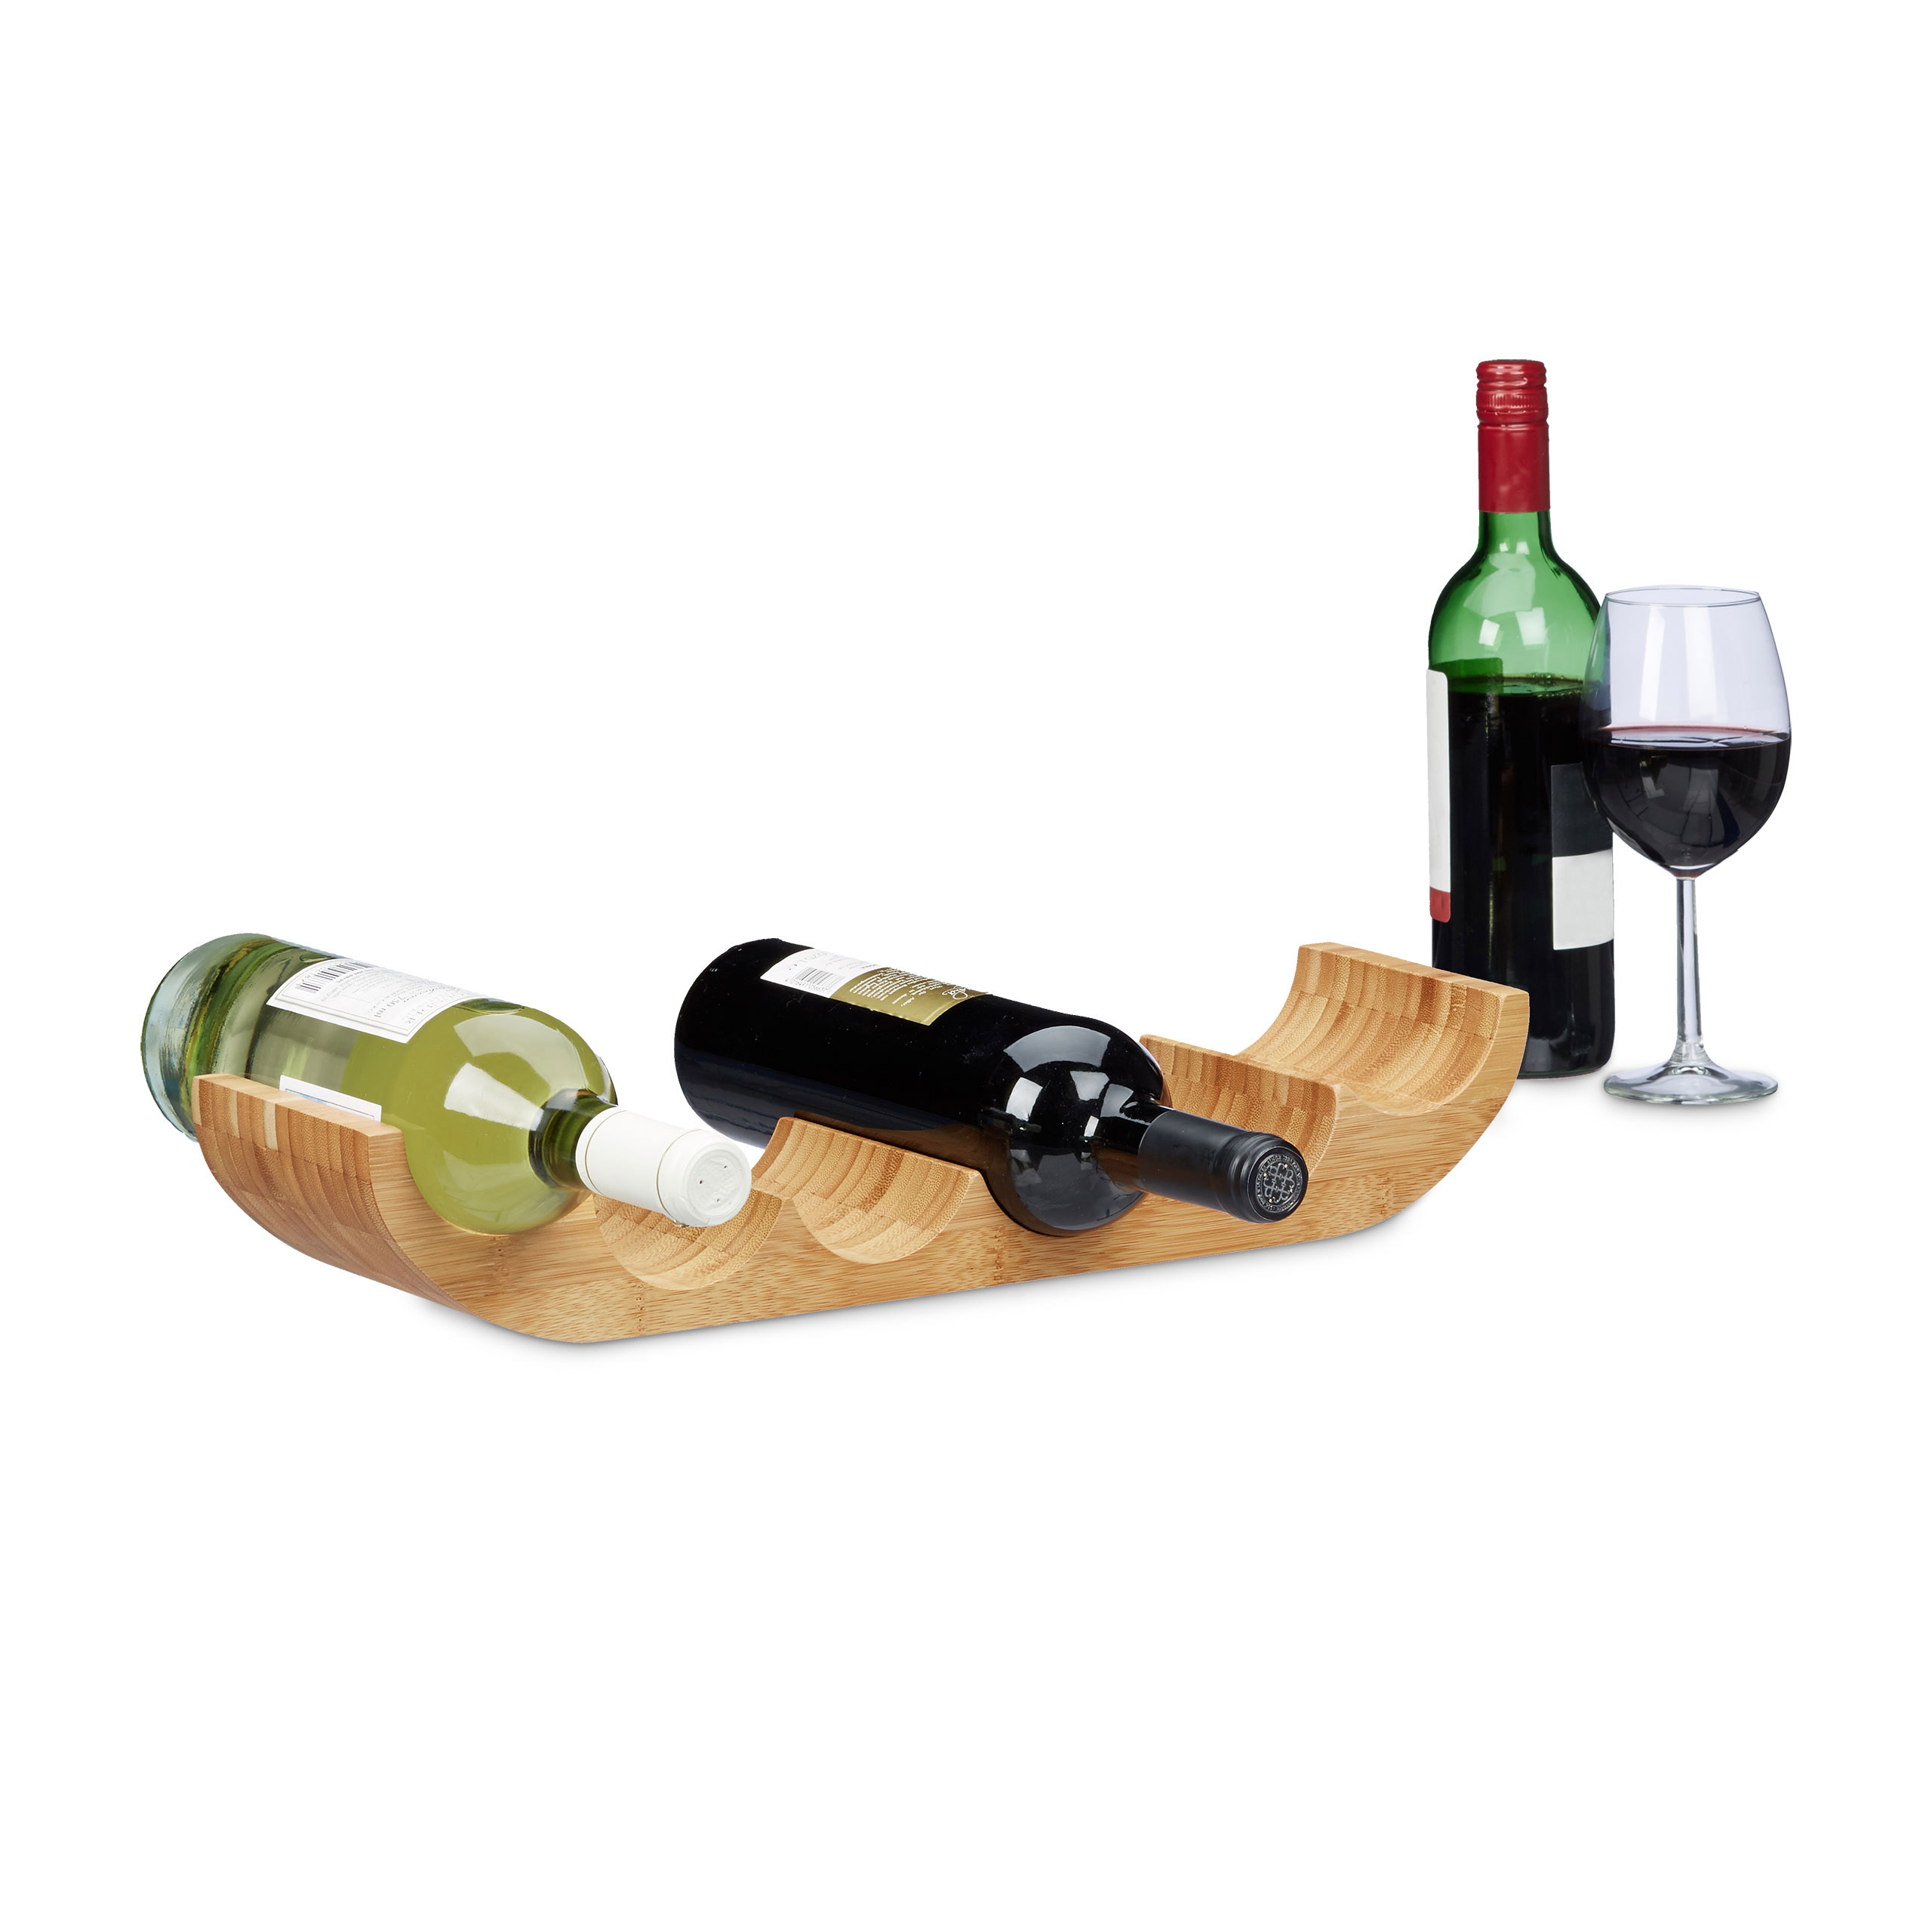 Stojan na víno bambusový, 6 fliaš, rd0244